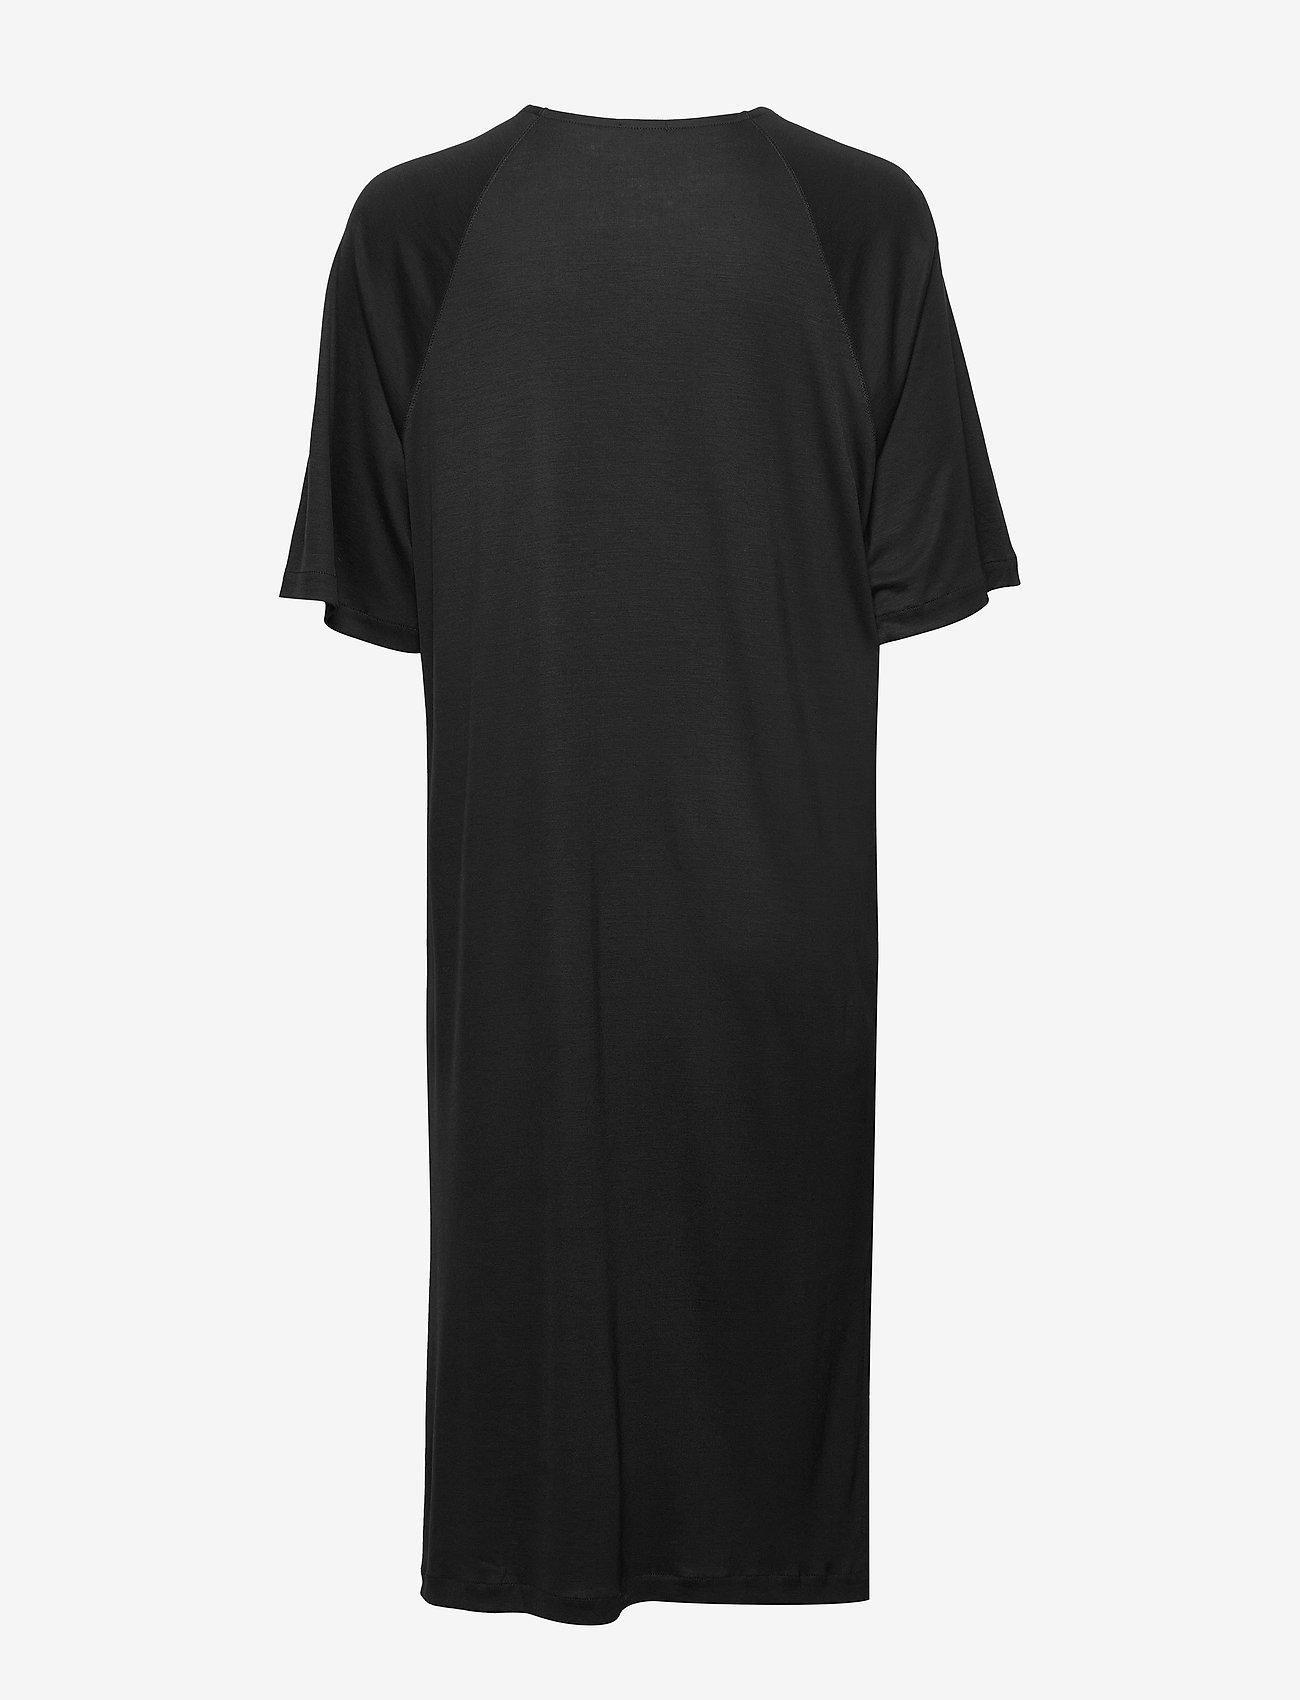 Mira Dress (Black) - Filippa K Js919A